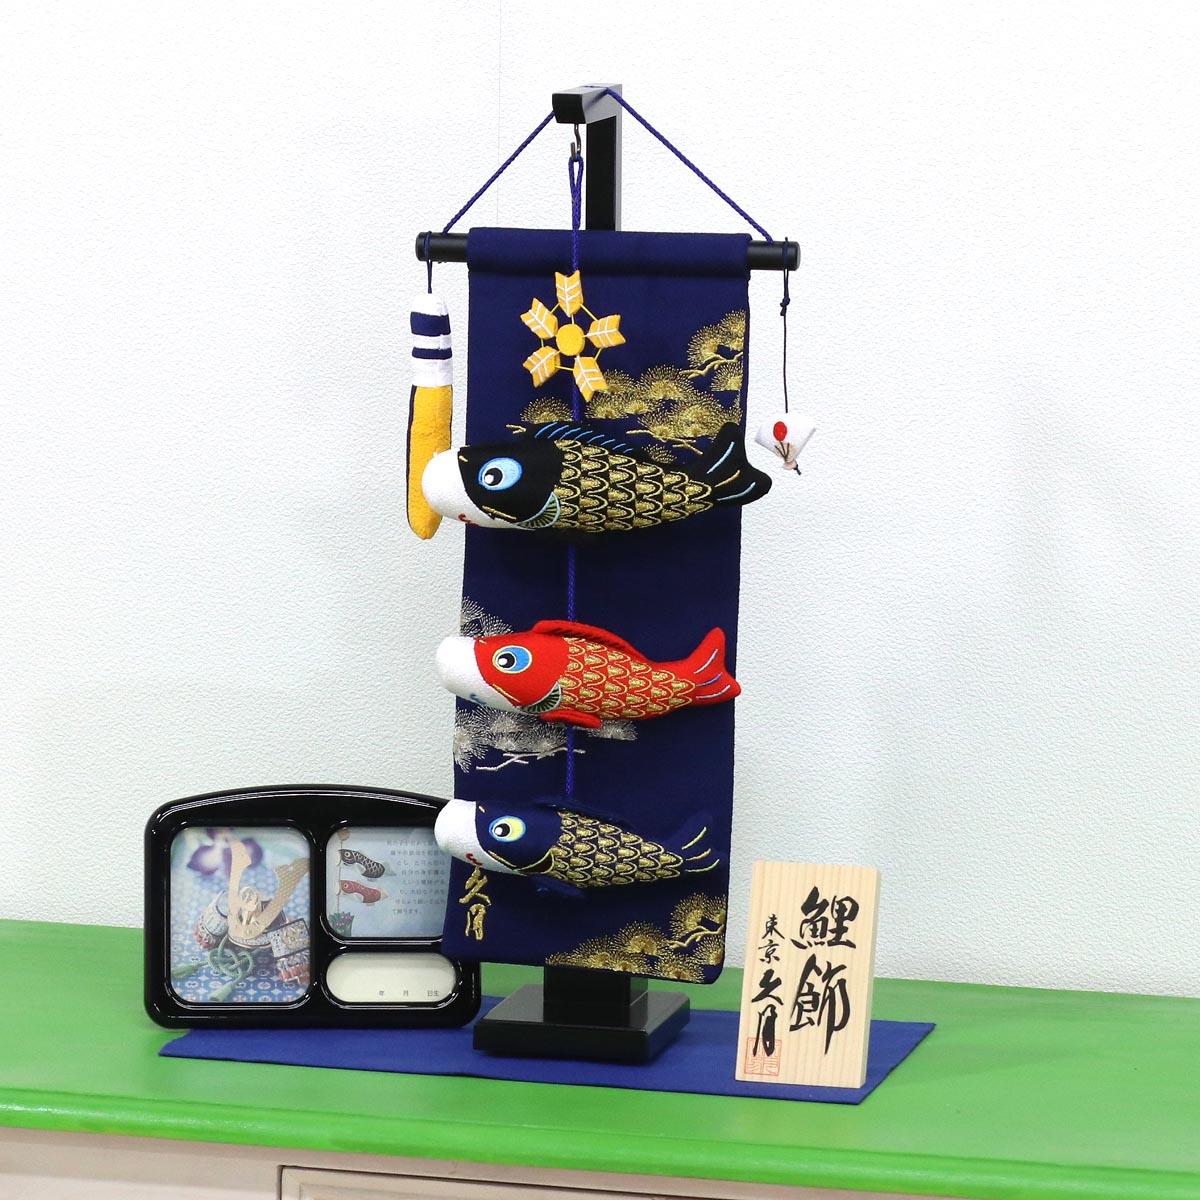 久月 鯉のぼり タペストリー オルゴール付 TRS-Q-TAK-1つるし飾り 吊るし飾り 室内用 こいのぼり で 端午の節句 こどもの日 のお祝いに